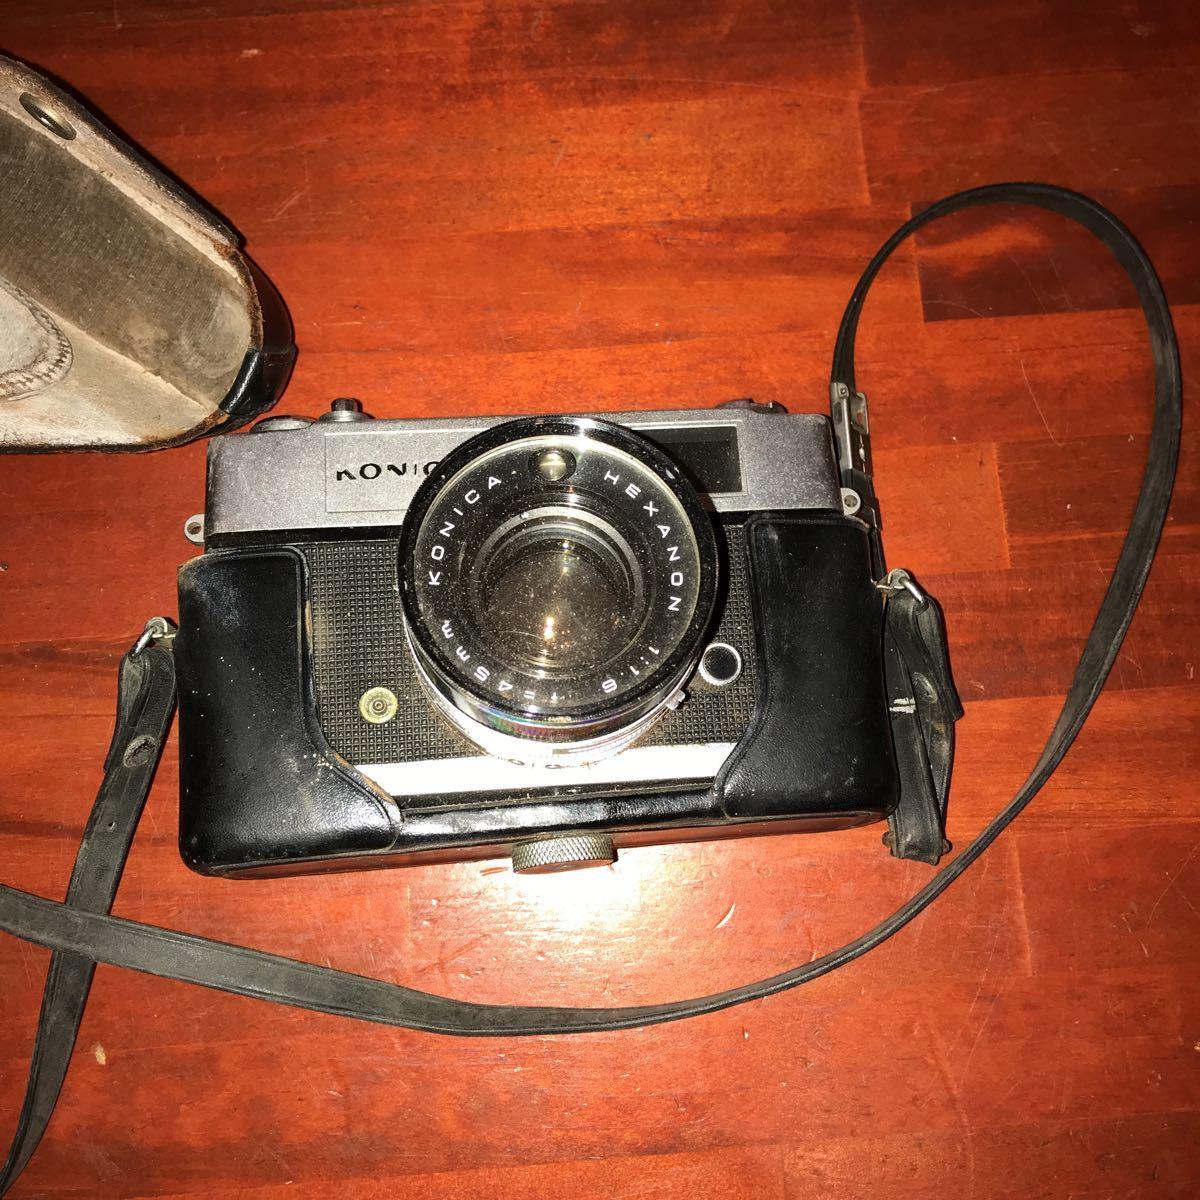 ★☆カメラ★☆KONICA コニカ AUTO S1.6 レンズ HEXANON 1:1.6 f=45mm_画像2